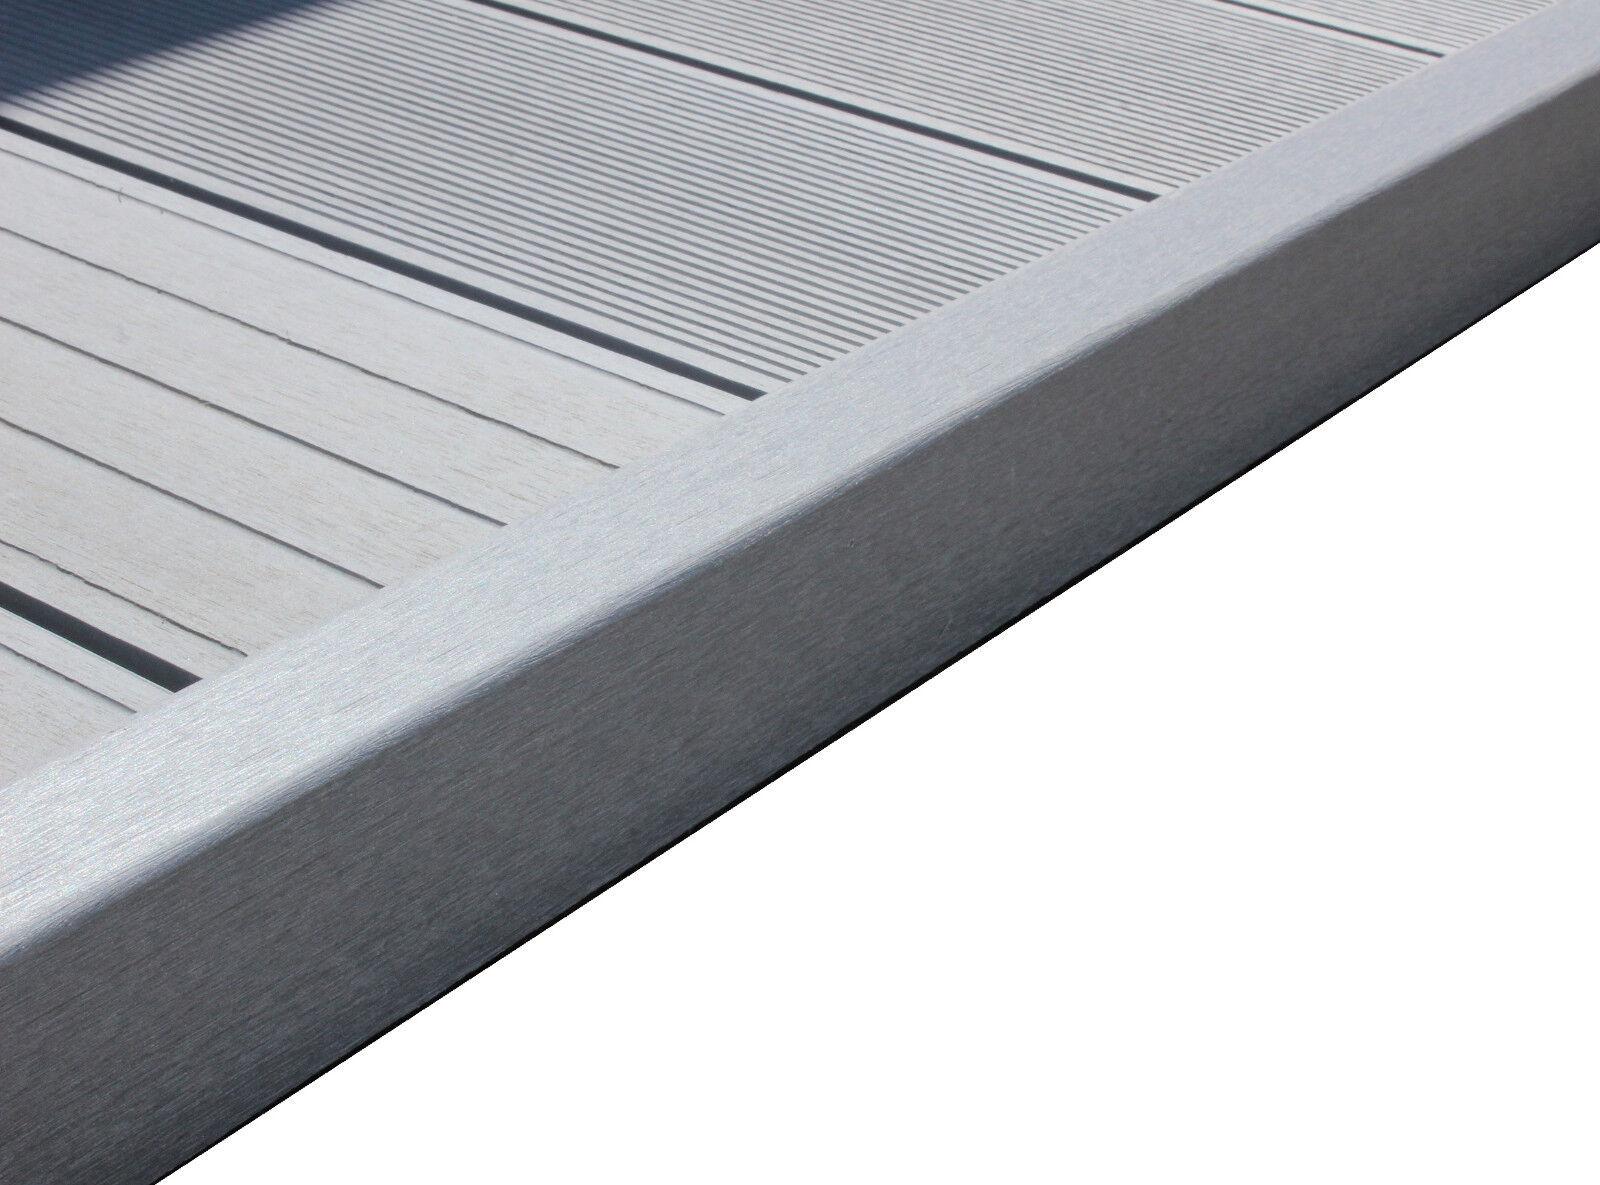 wpc terrassendielen abschlussleiste abdeckleiste l leiste steingrau 1950x62x37mm eur 8 90. Black Bedroom Furniture Sets. Home Design Ideas